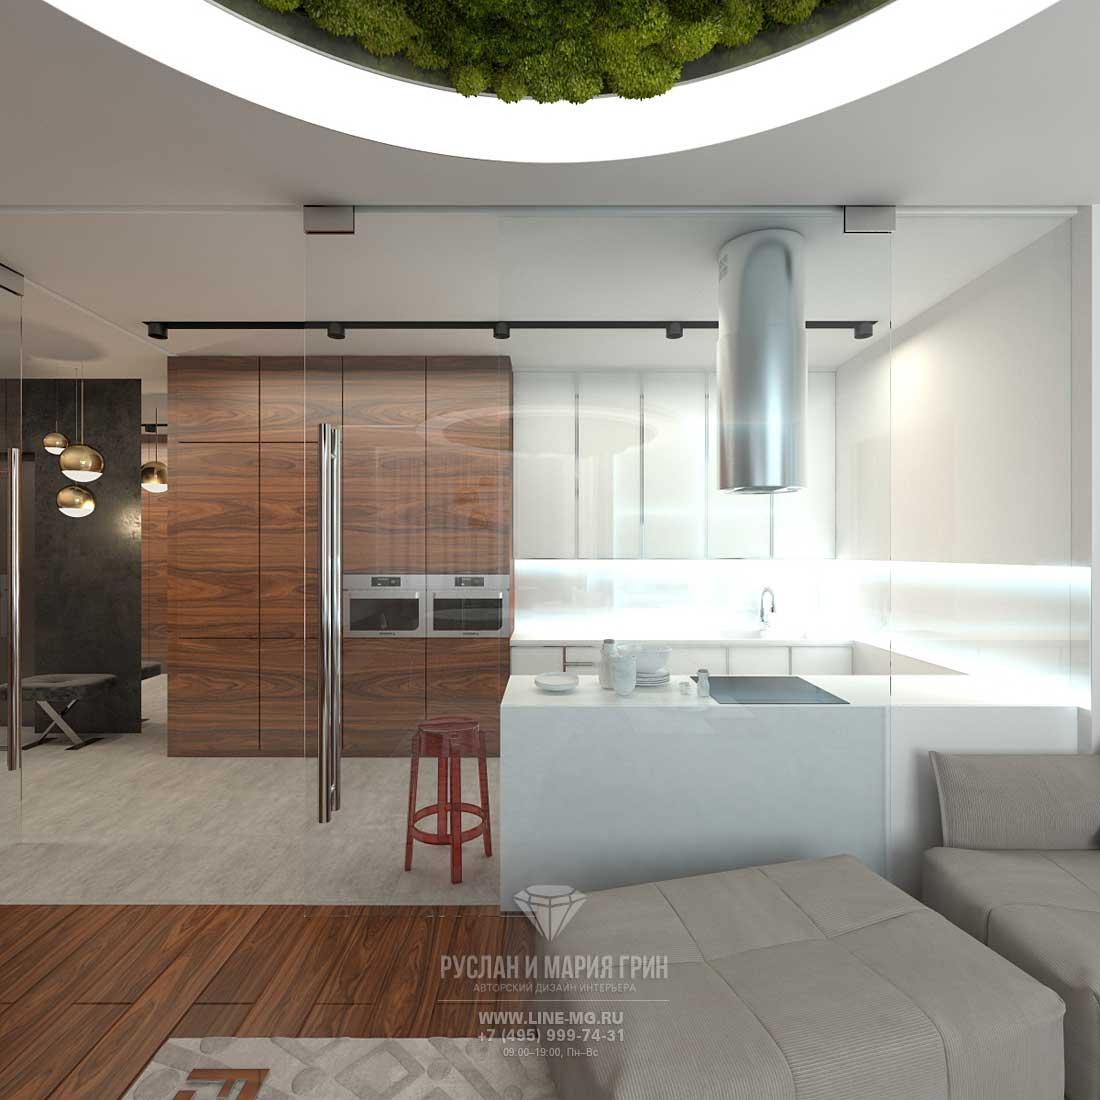 Кухня в стиле минимализм с прозрачной перегородкой из закаленного стекла